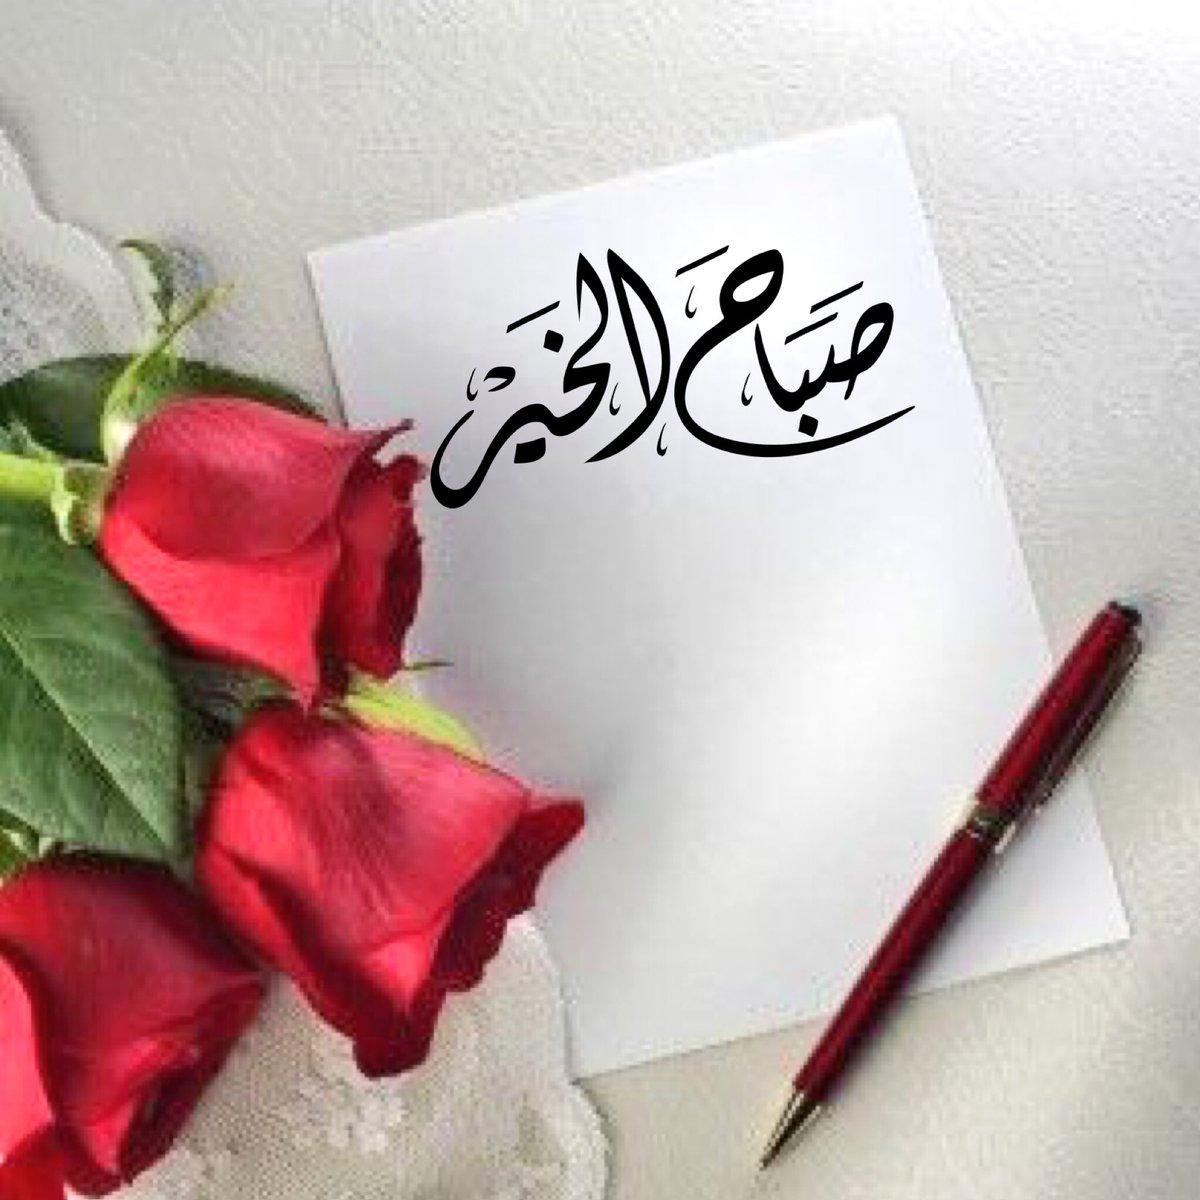 صورة صور صباح الخير تحفة لا تفوتك، صباح الخير مزخرفه